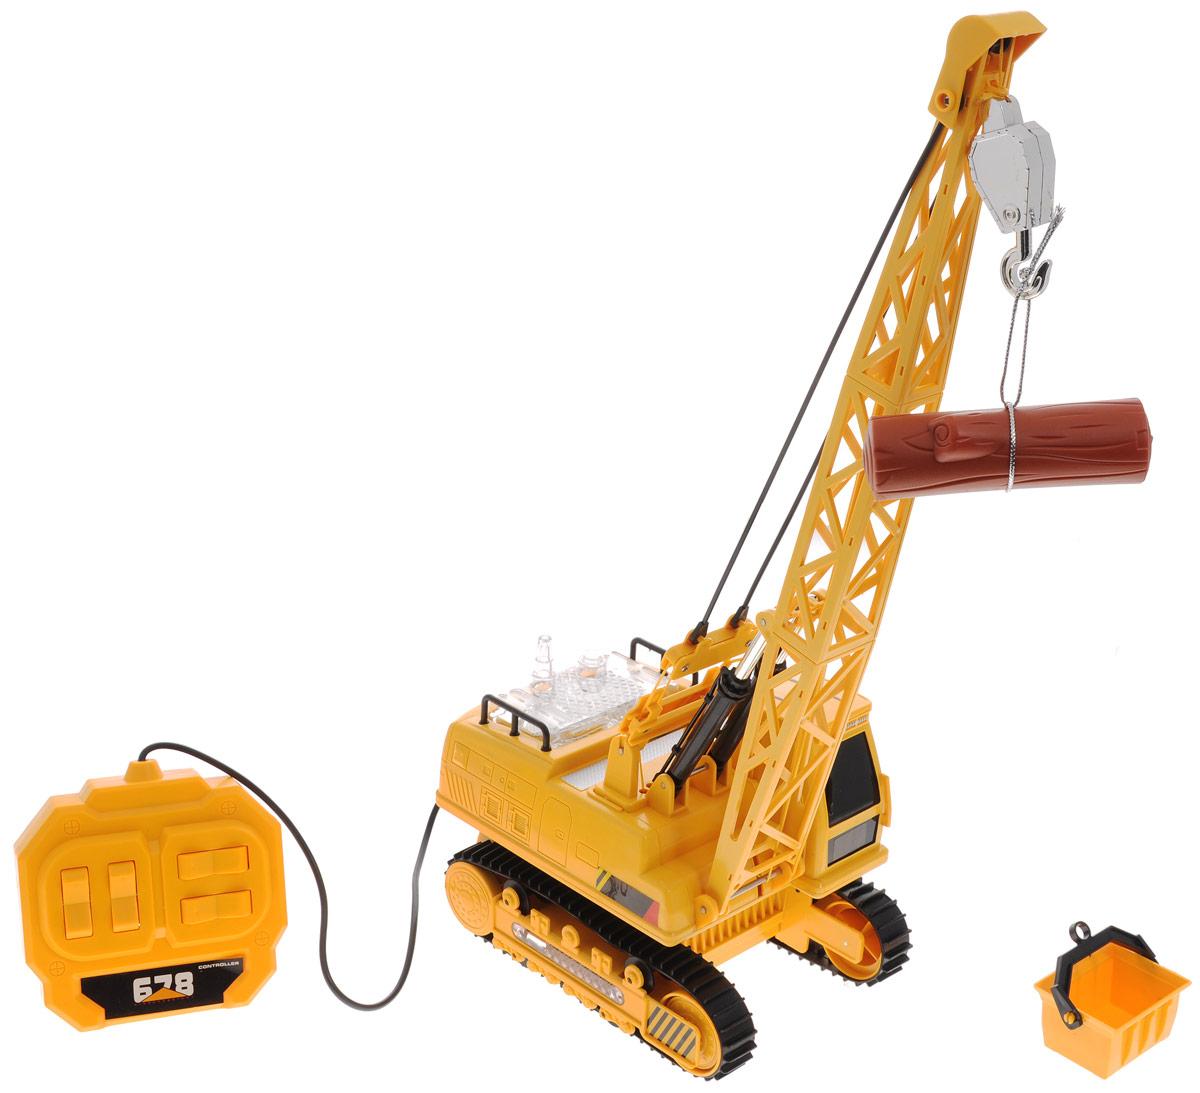 ABtoys Подъемный кран на проводном управленииC-00164Подъемный кран на проводном управлении ABtoys обязательно привлечет внимание вашего ребенка. Игрушка выполнена из прочного пластика в виде подъемного крана на гусеничном ходу с высокой степенью детализации. Игрушка может двигаться вперед, назад, поворачивать направо и налево, поднимать и опускать стрелу, поворачивать башню на 680° (почти два полных оборота). Движение крана, его стрелы, повороты башни управляются с помощью проводного пульта. Работа игрушки сопровождается световыми и звуковыми эффектами. В комплекте с краном также идет ковш, который можно подвесить к крюку стрелы, и бревно. Малыш проведет с этой игрушкой много увлекательных часов, воспроизводя свою стройку. Ваш ребенок будет в восторге от такого подарка! Для работы игрушки необходимы 6 батареек типа АА напряжением 1,5V (не входят в комплект).